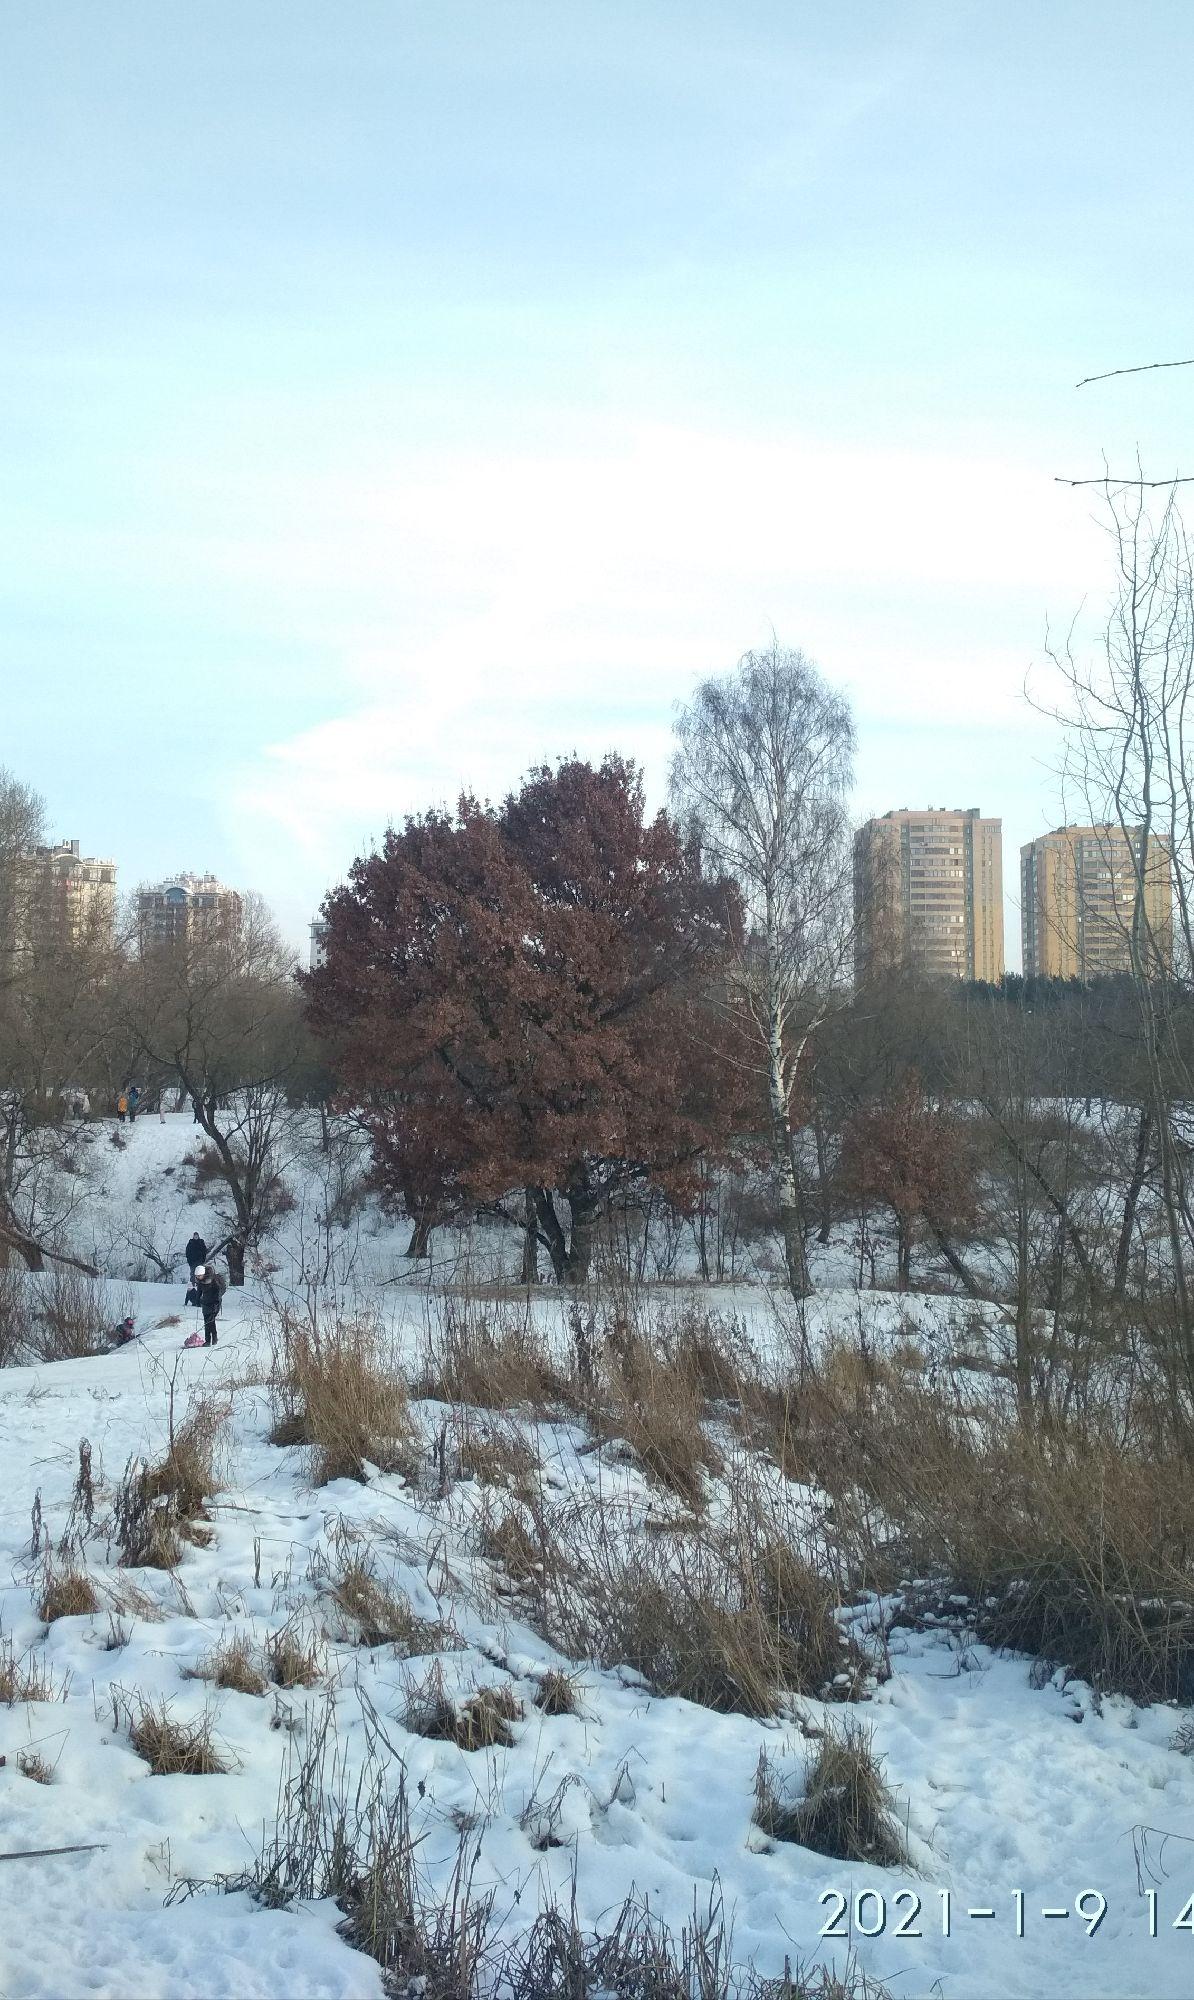 """Оказывается, такое поведение дуба, не сбрасывать листья на зиму, имеет официальное название """"зимний дуб""""Вообще интересно в Википедии: дуб - род деревьев и кустарников семейства буковые.Дуб - это БУК!"""